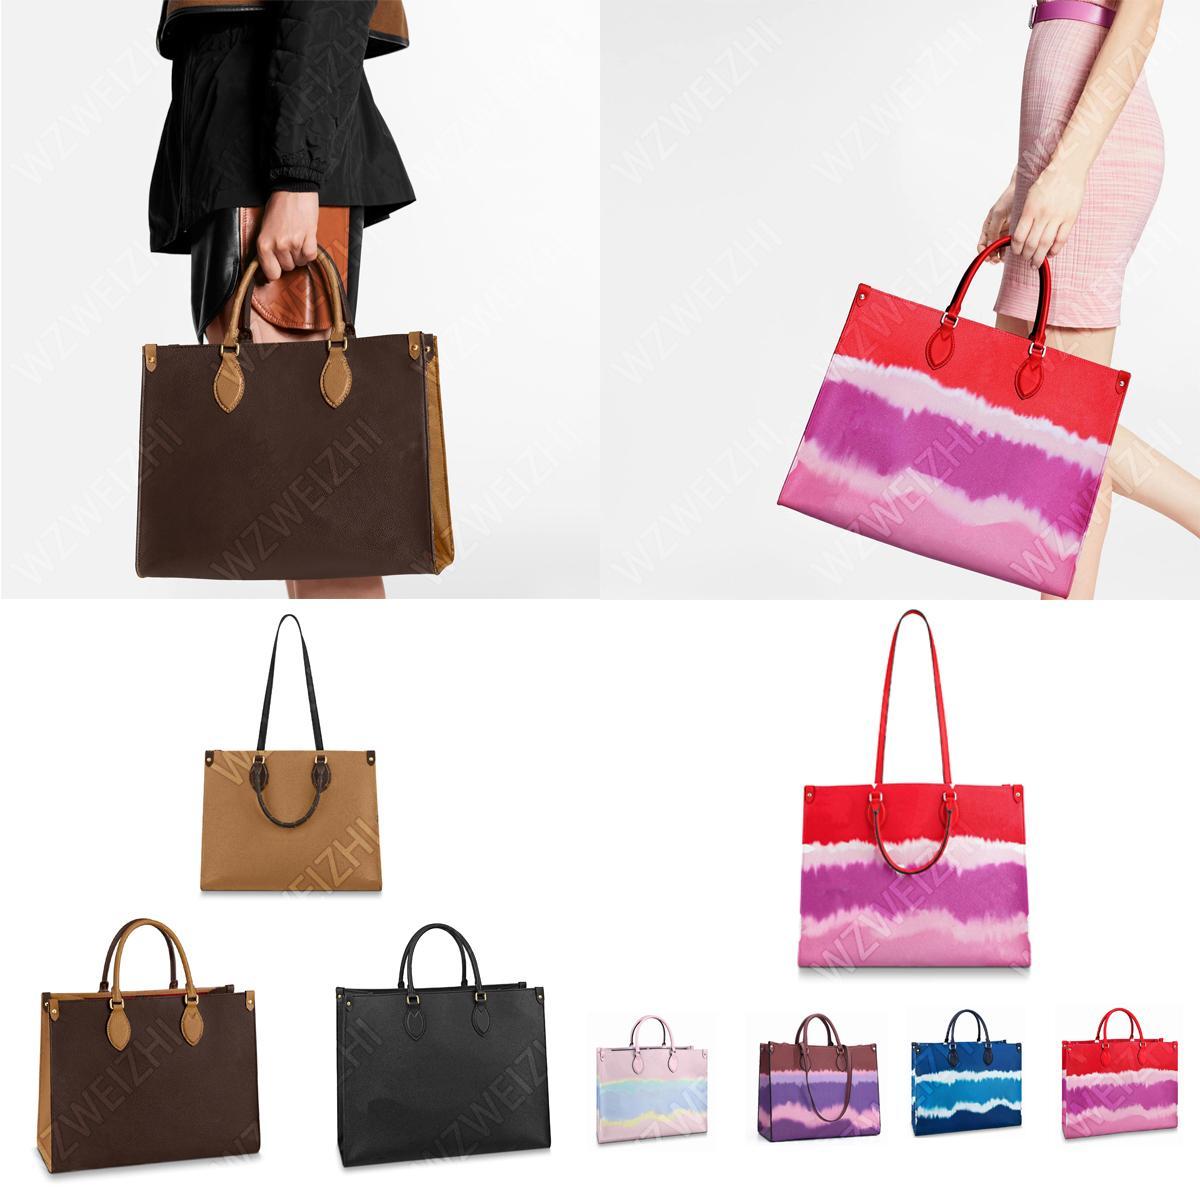 Париж мода женские сумки большие сумки пакеты галстуки краситель холст один плечо через плечо сумки сумки кошельки сцепления высококачественные кожаные сумки